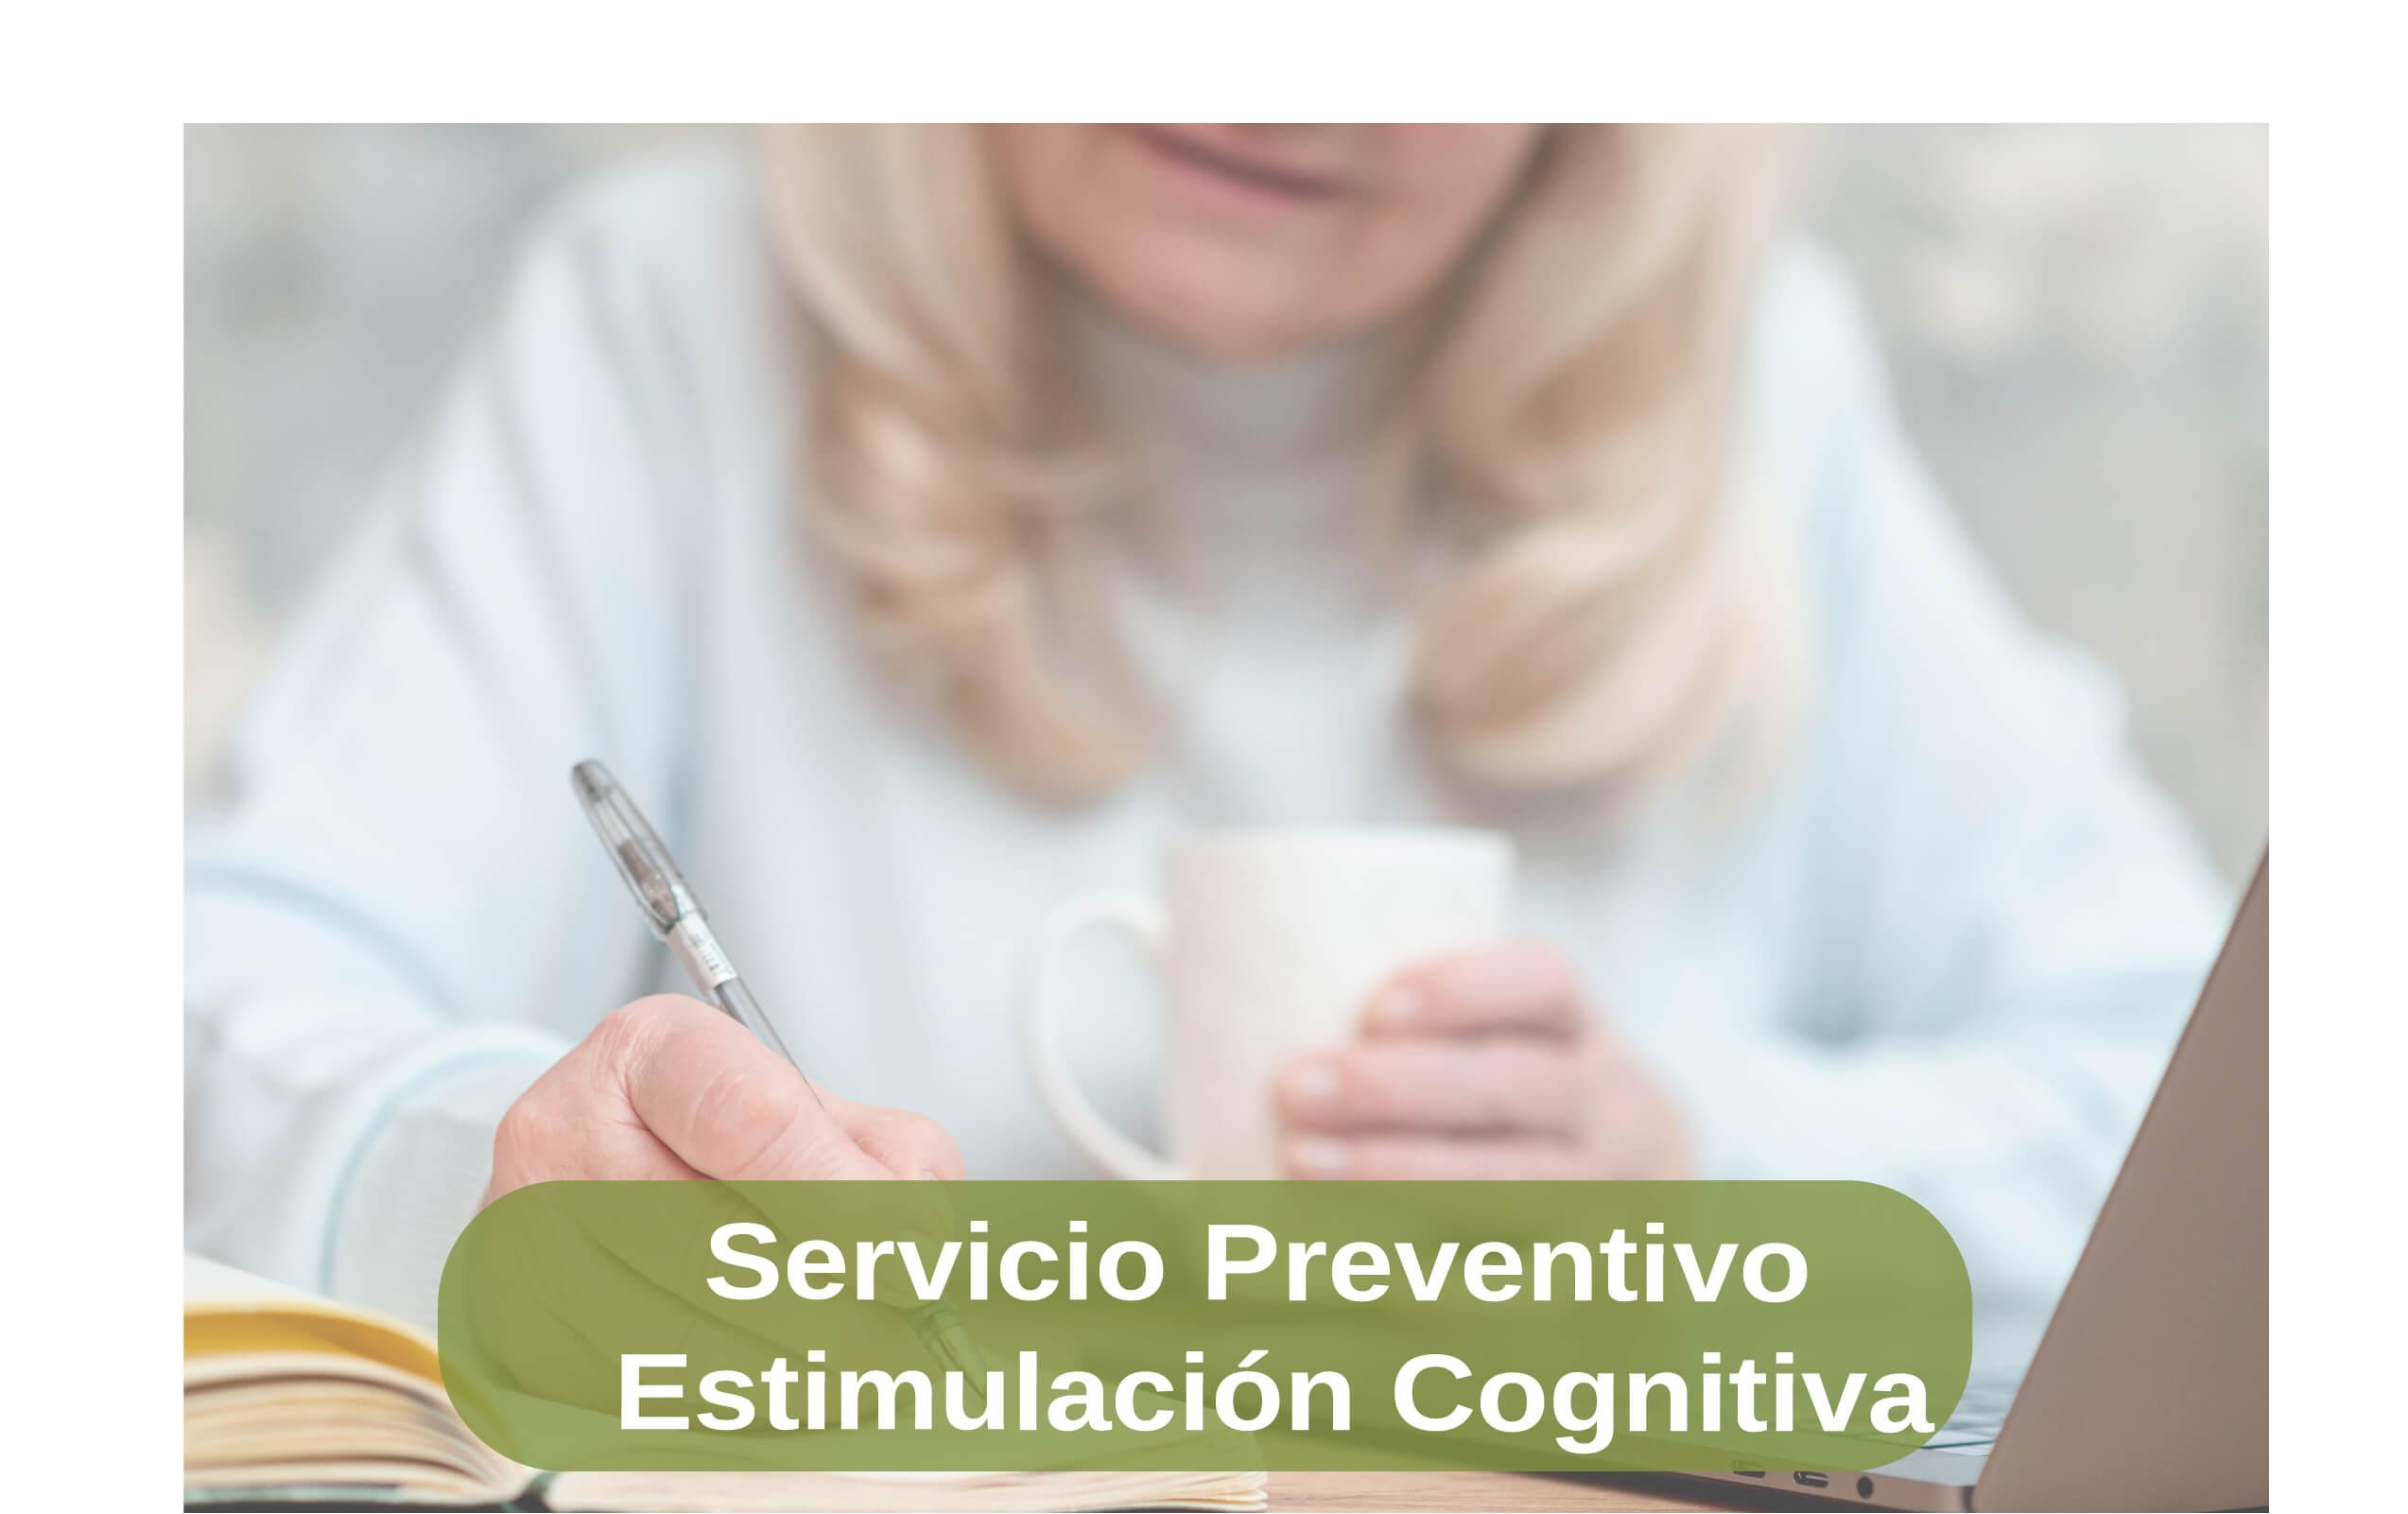 Servicio preventivo de estimulación cognitiva